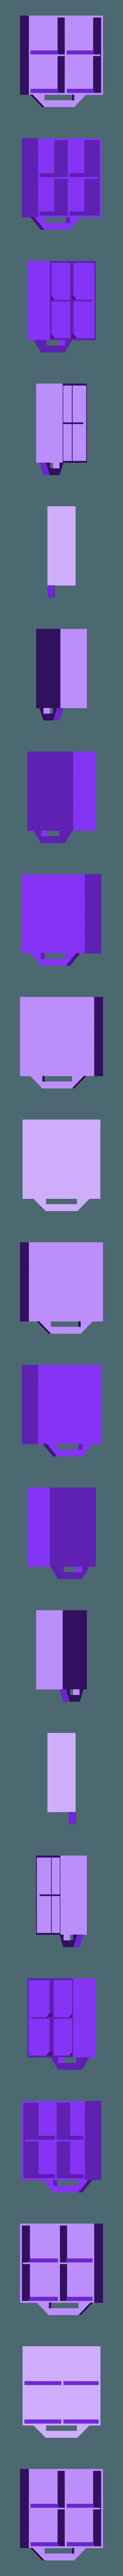 drawer_10x4_quad.stl Télécharger fichier STL gratuit Support de système de stockage multi-box • Modèle pour imprimante 3D, vmi